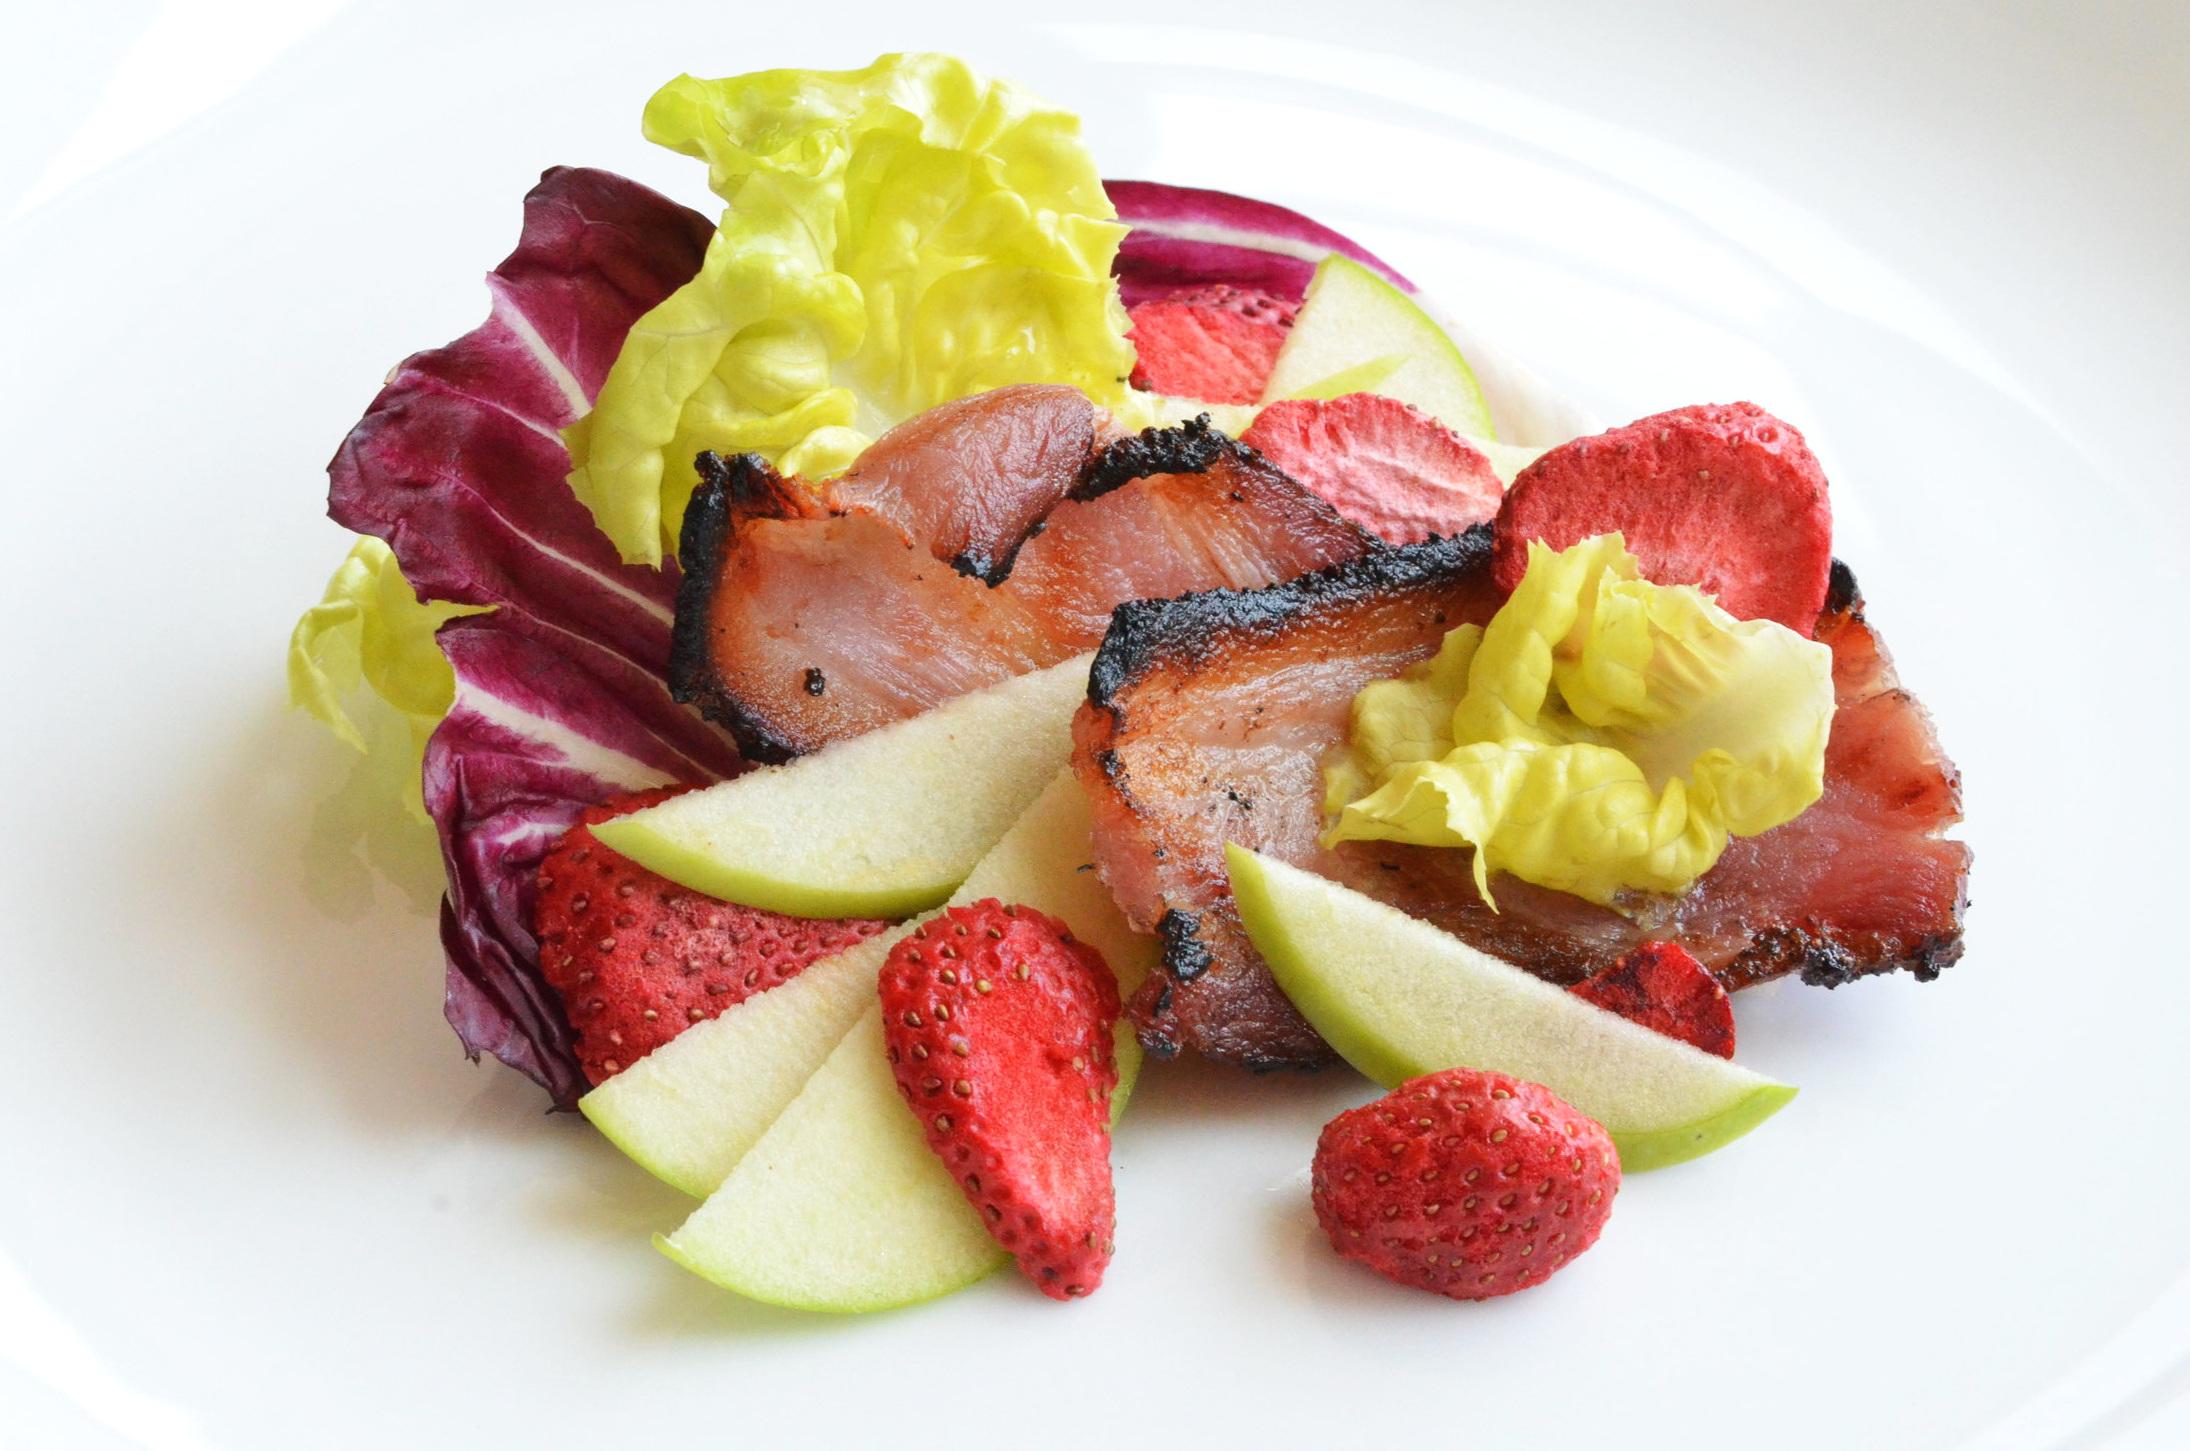 FRZ-DRY Strawberry Bacon Salad